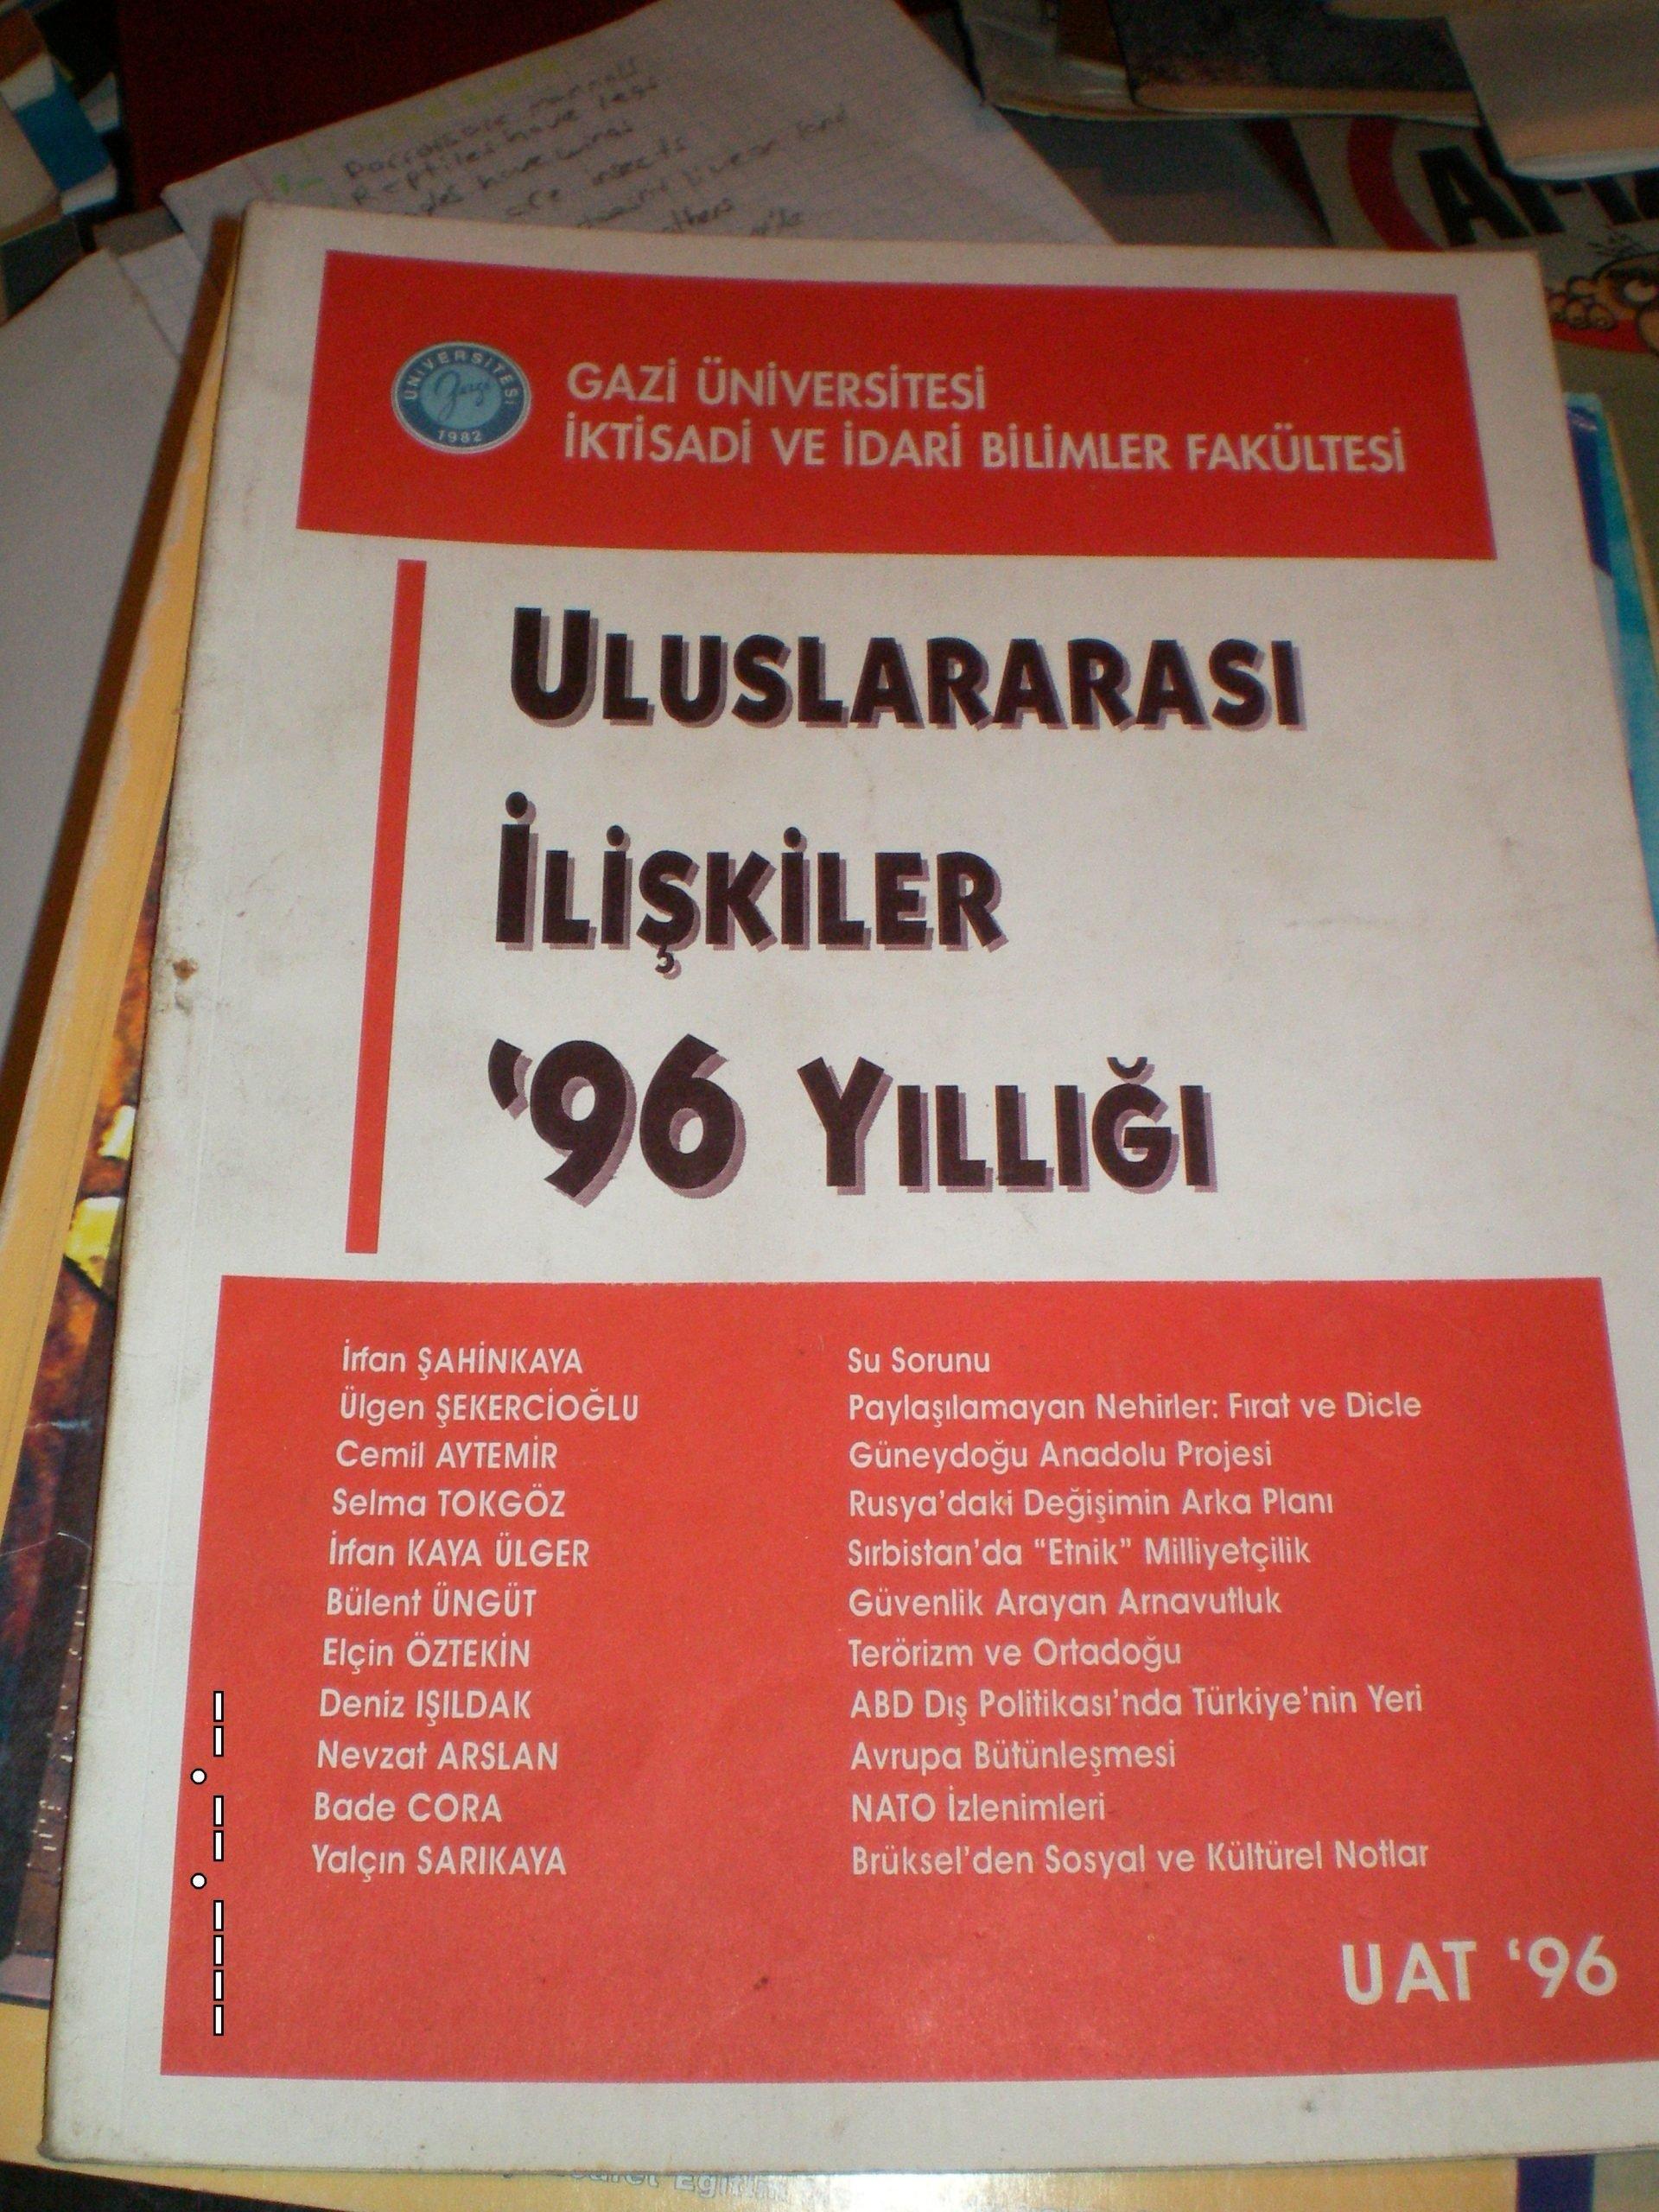 ULUSLARARASI İLİŞKİLER 1996 YILLIĞI/Gazi Üniversitesi/ 15 tl